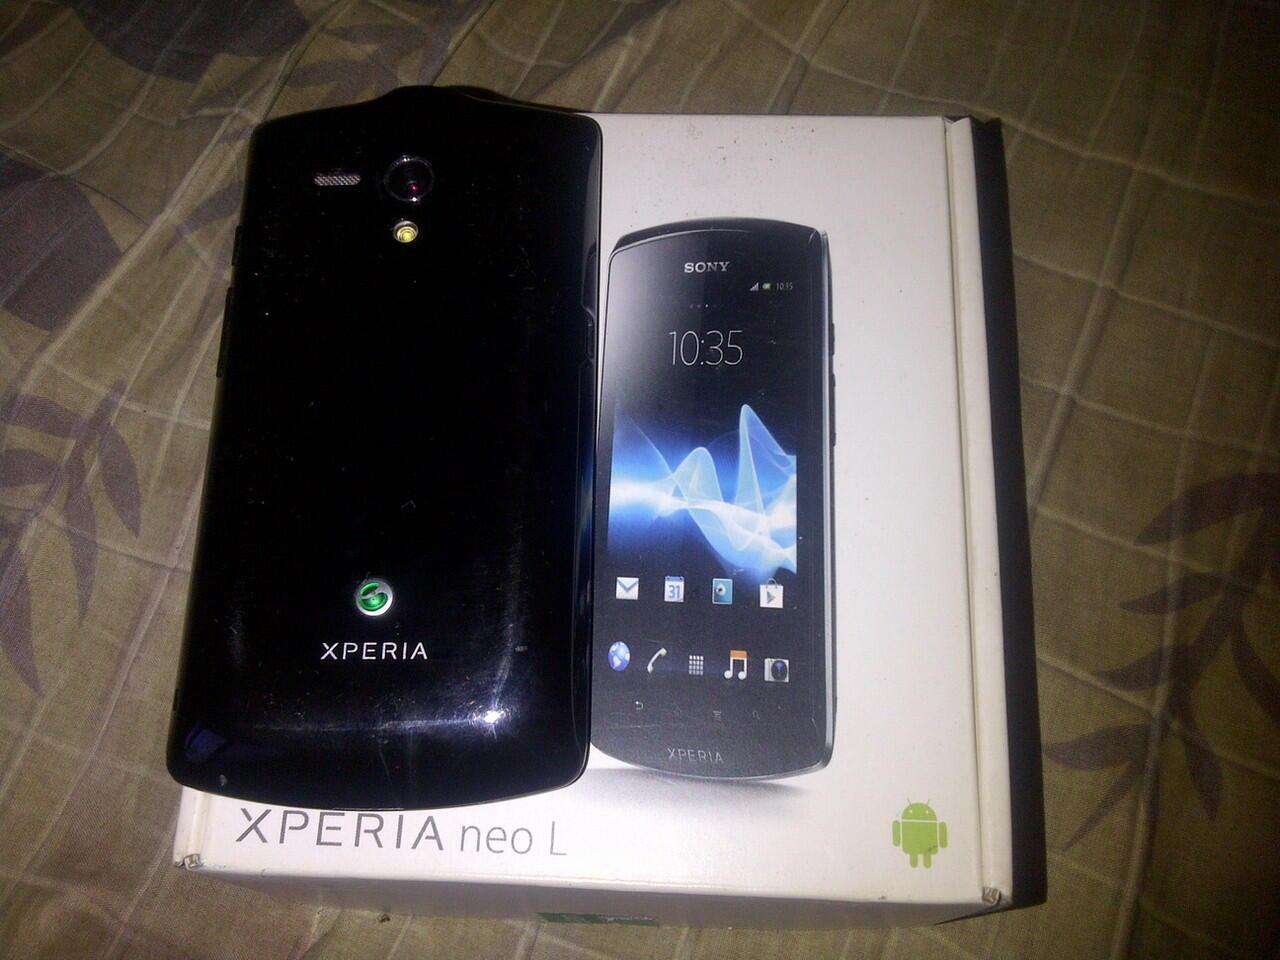 Sony Xperia NeoL